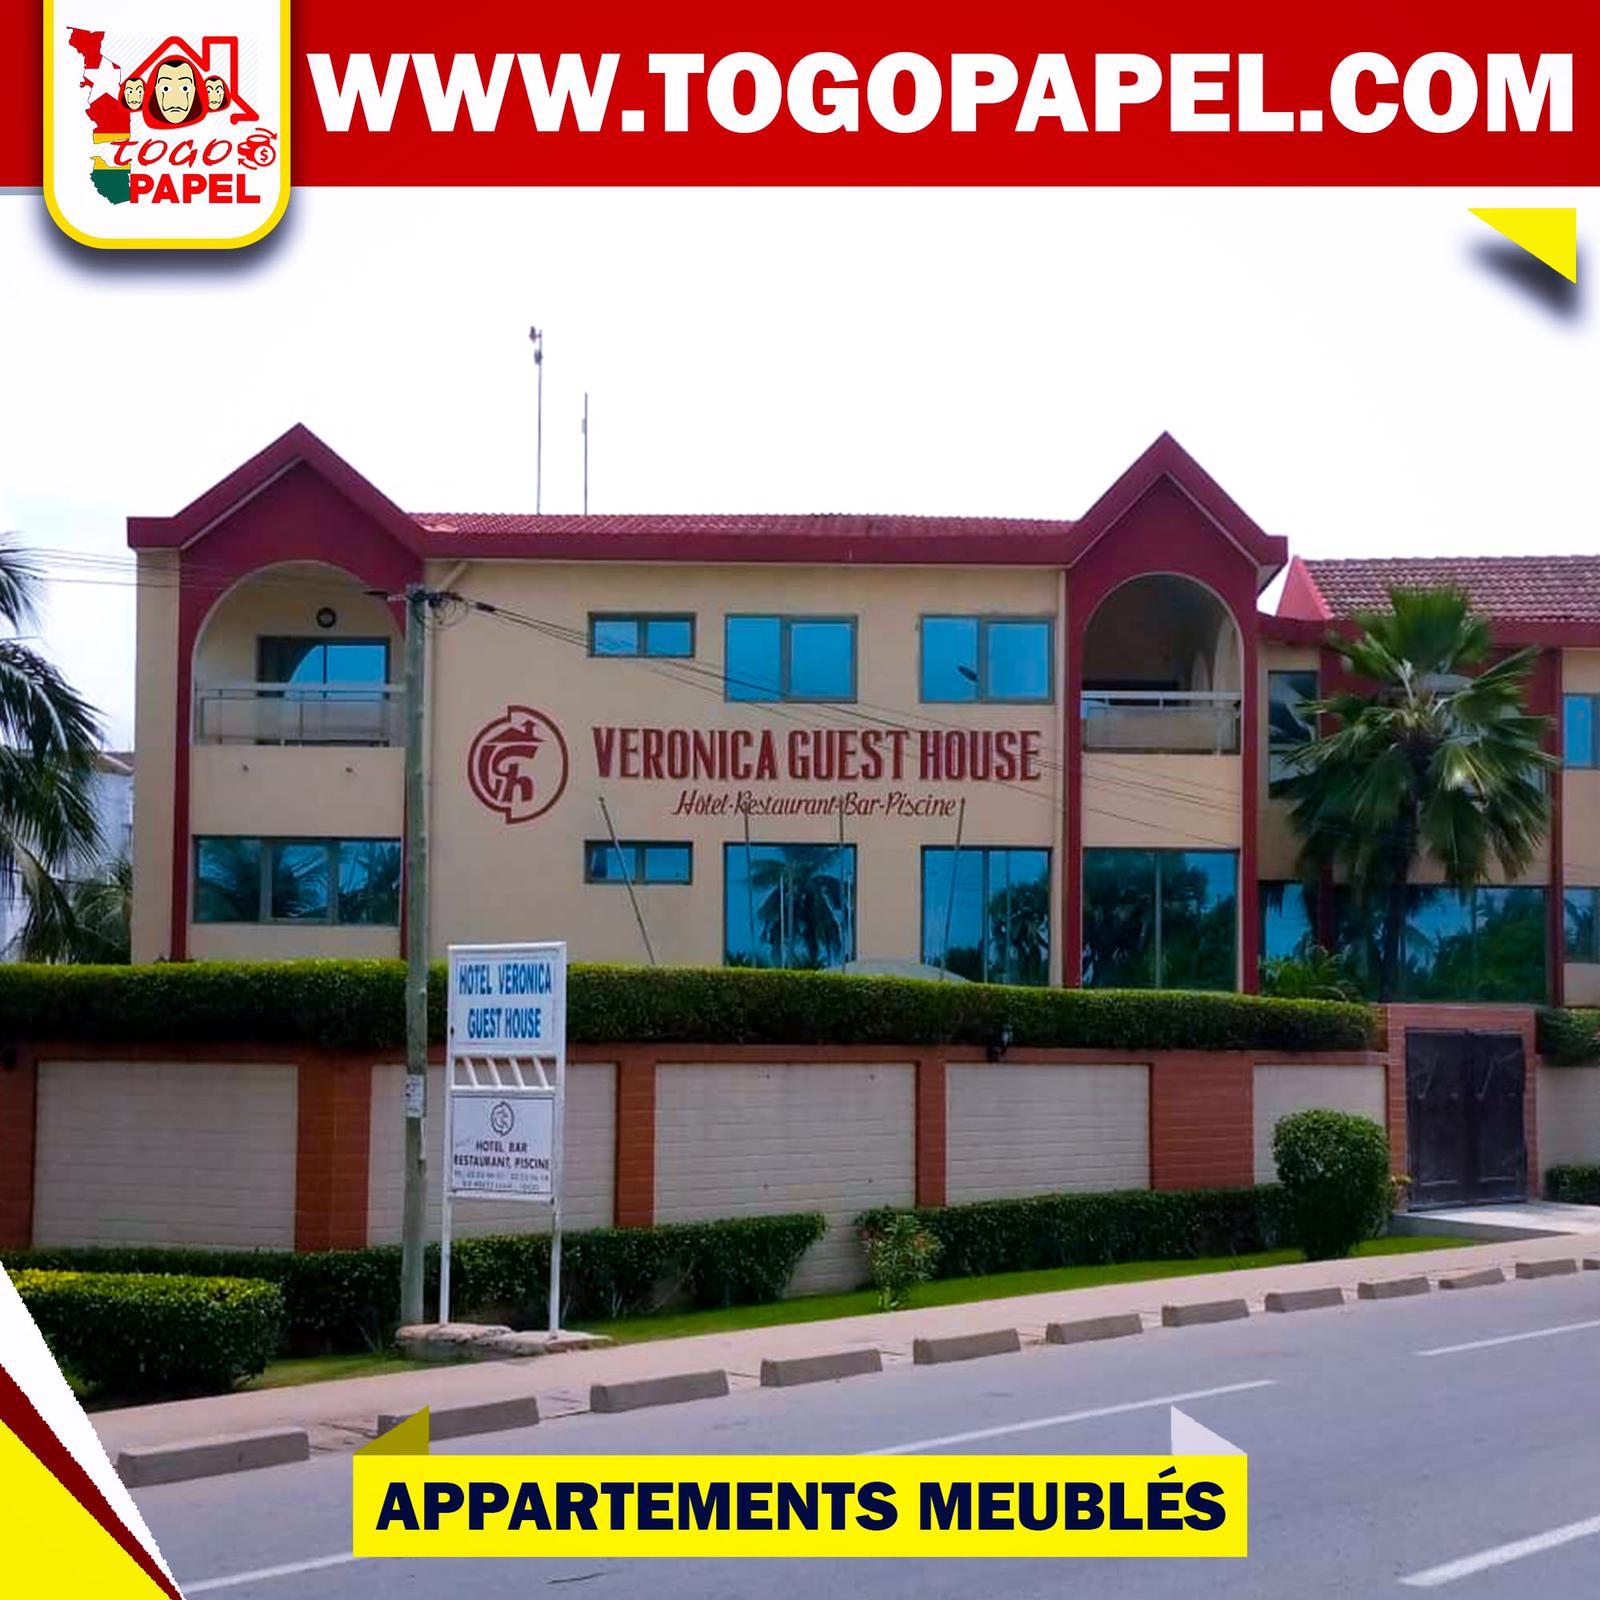 Les Petites annonces gratuites au Togo